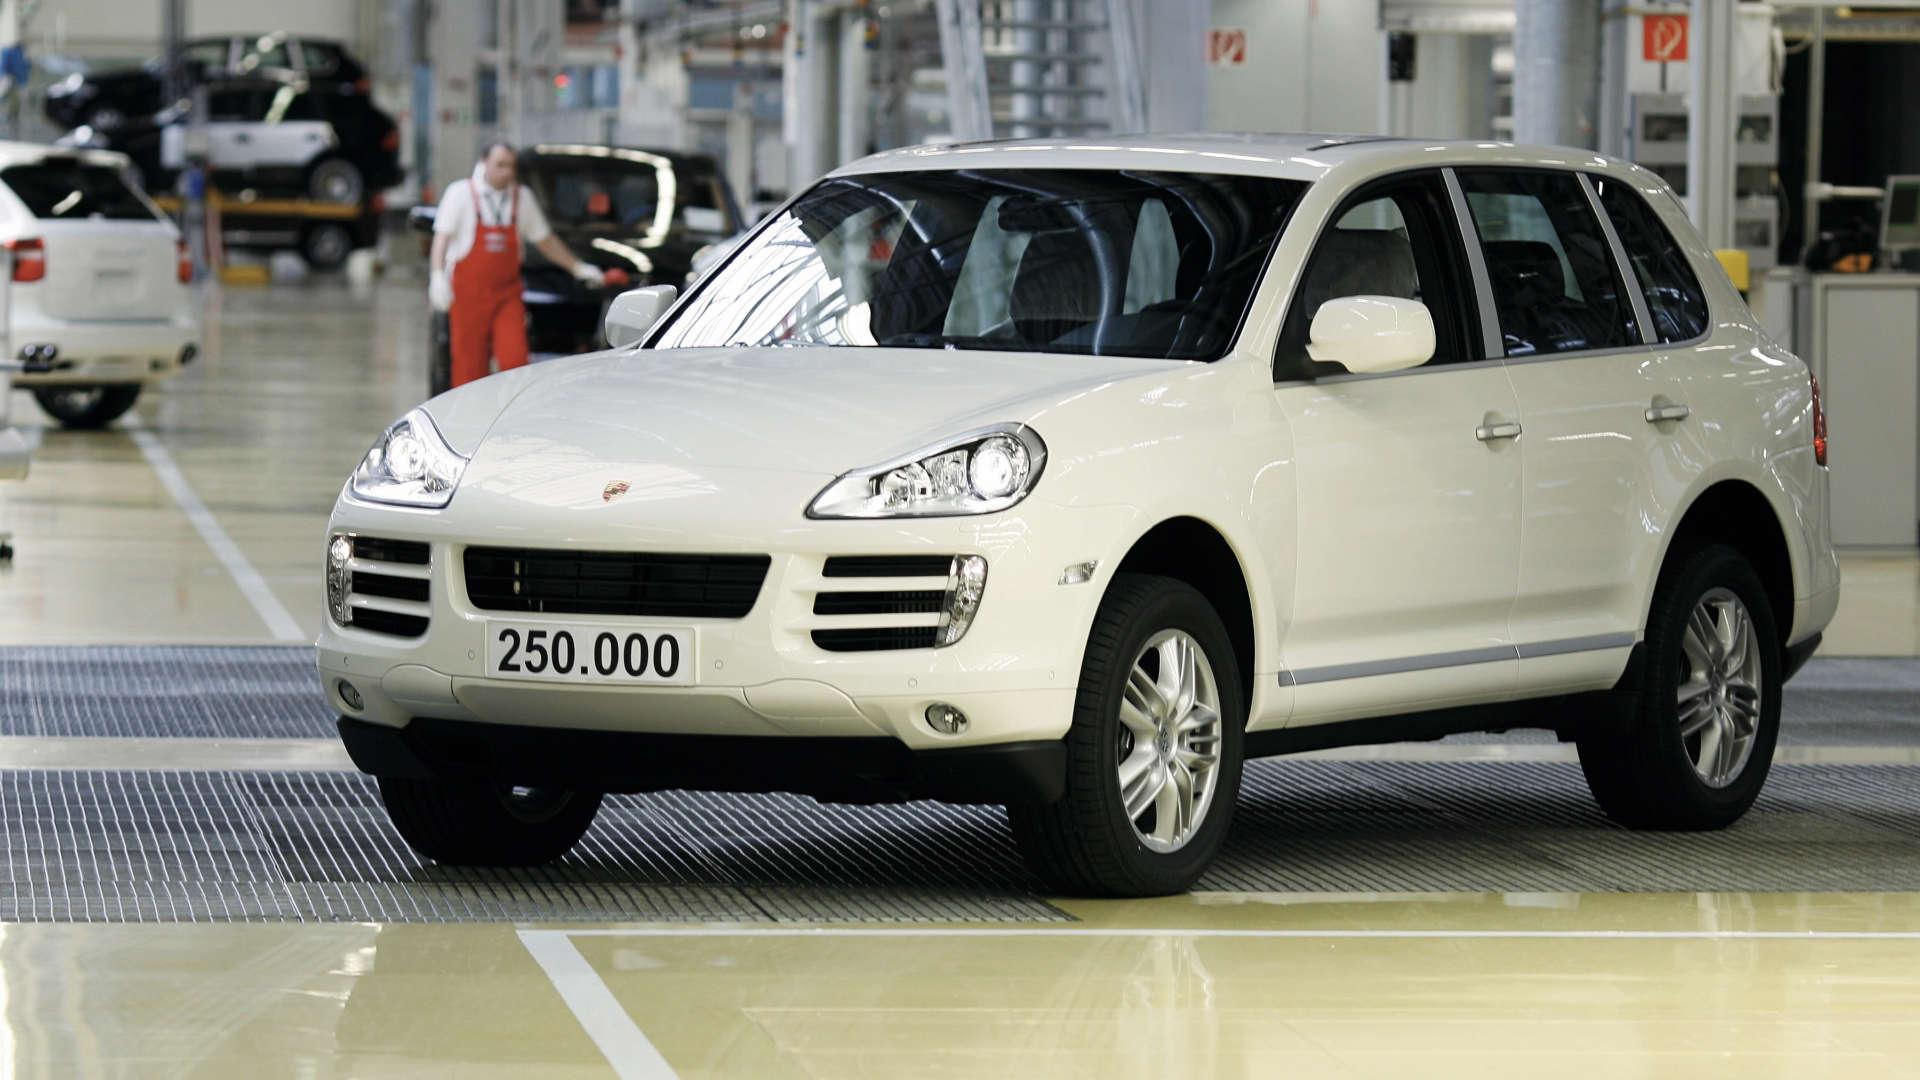 Porsche Cayenne 250000